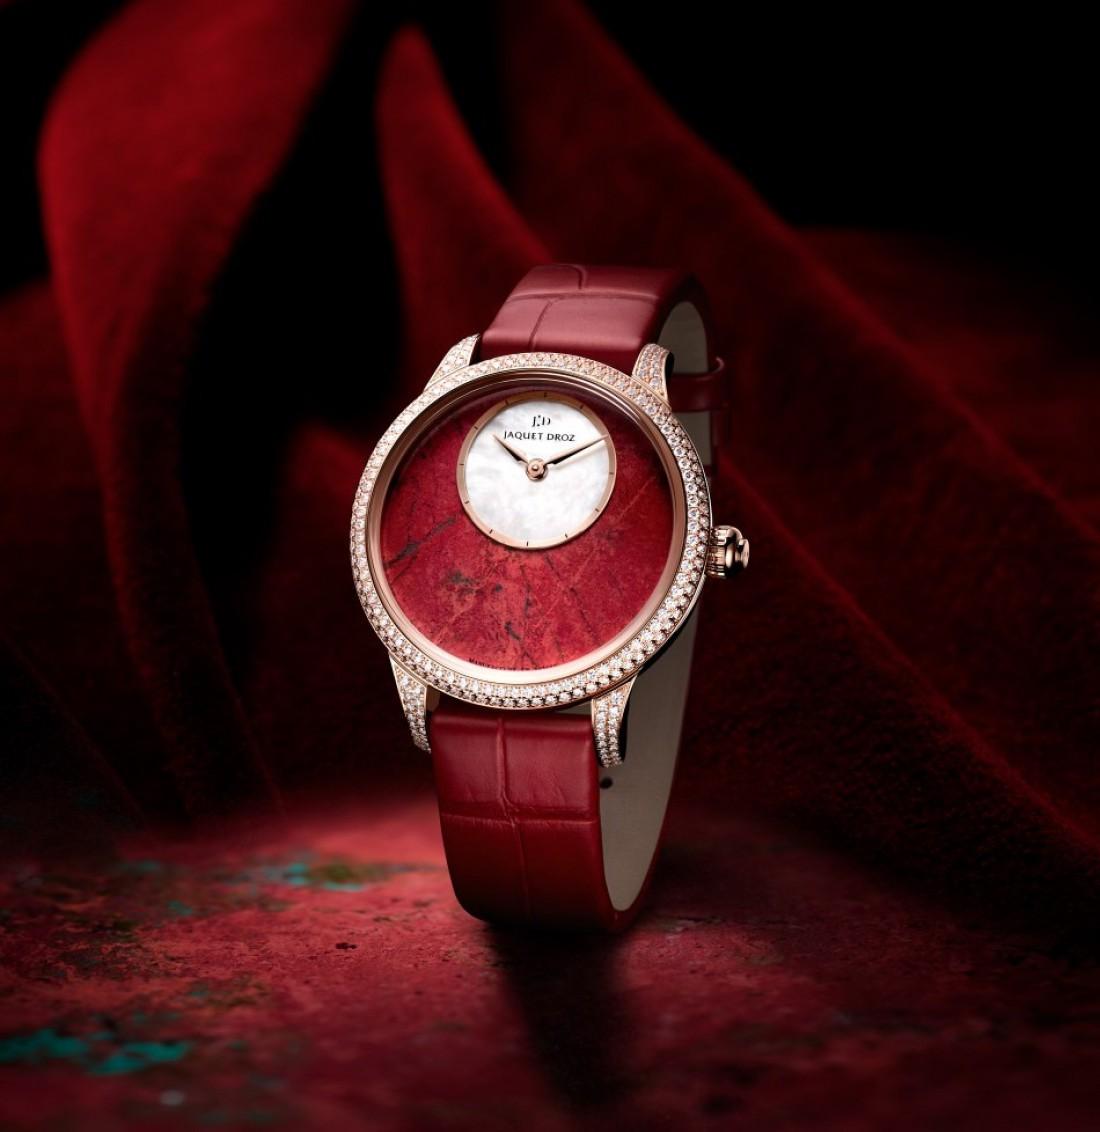 Что подарить девушке на День Влюбленных — часы Petite Heure Minute